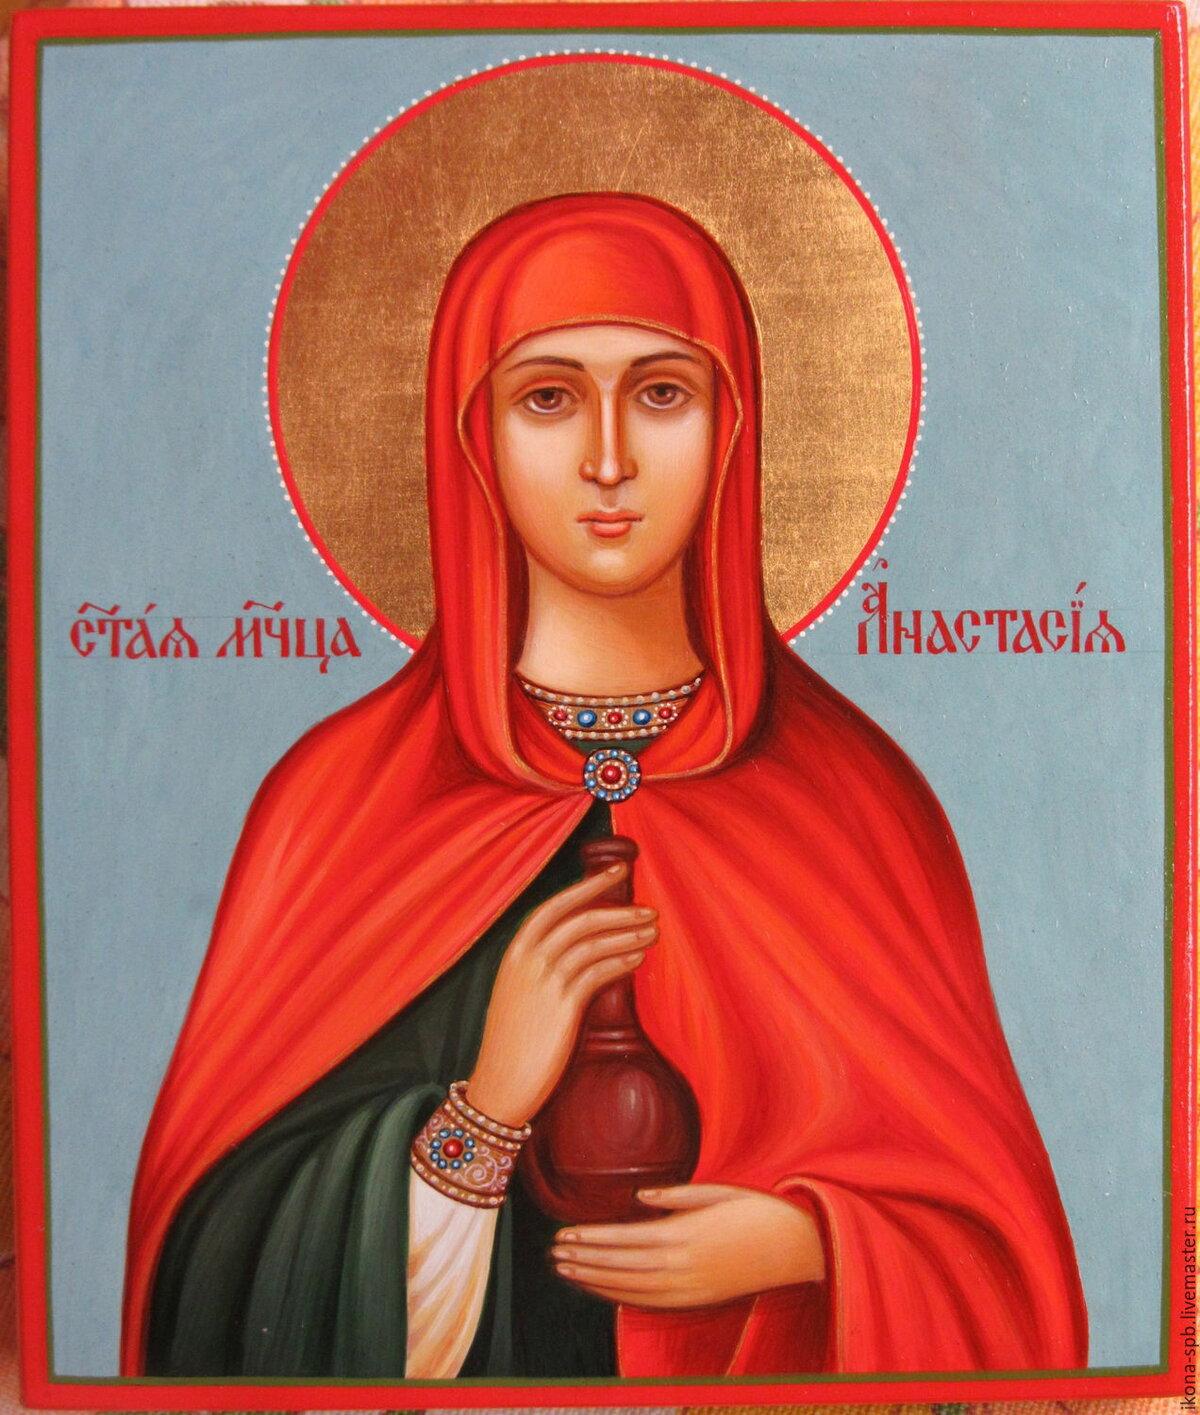 Фото икона богородица милующая в чем помогает